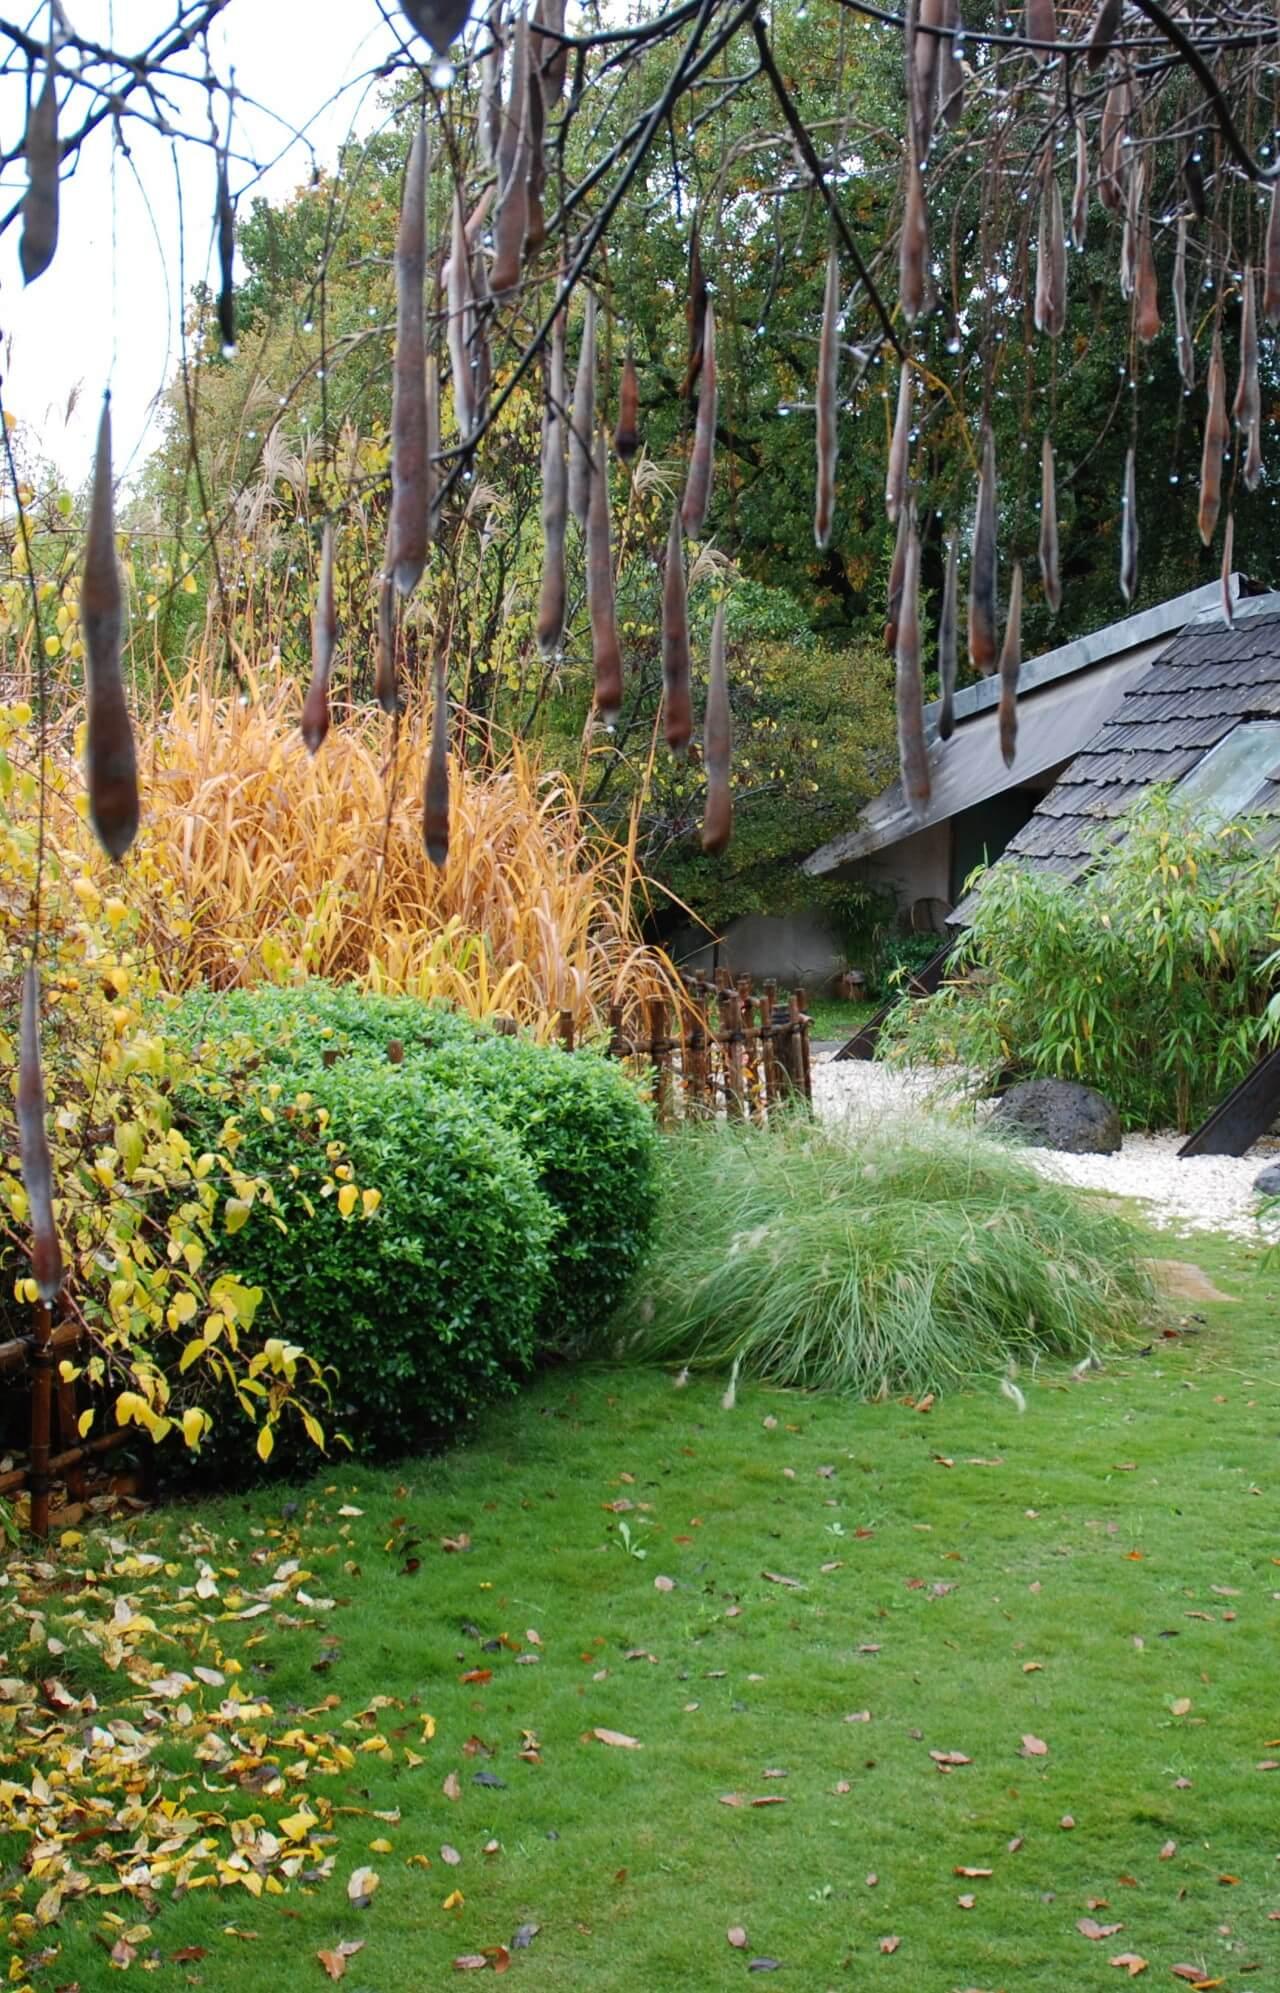 Couleur et feuilles jardin d'automne, clôture et treille en bambou d'inspiration japonaise, graines de glycine, jardin écologique.